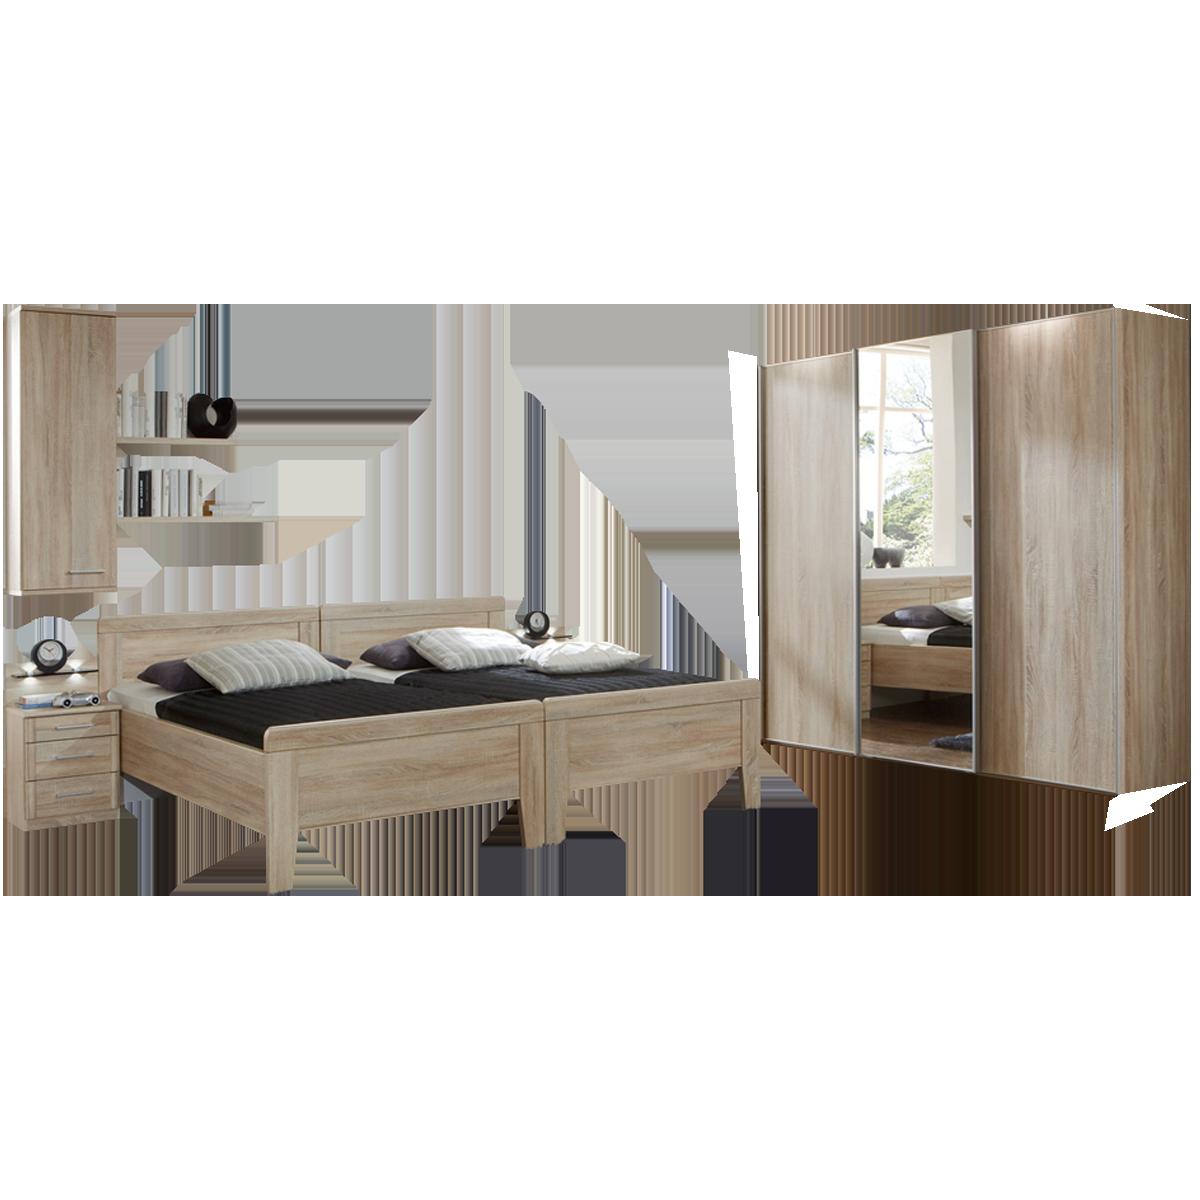 Wiemann Meran Schlafzimmer Schwebetürenschrank 19 Komfortbetten mit  Vario-Beschlag Nachtschränken Hängeschrank und Wandregal in